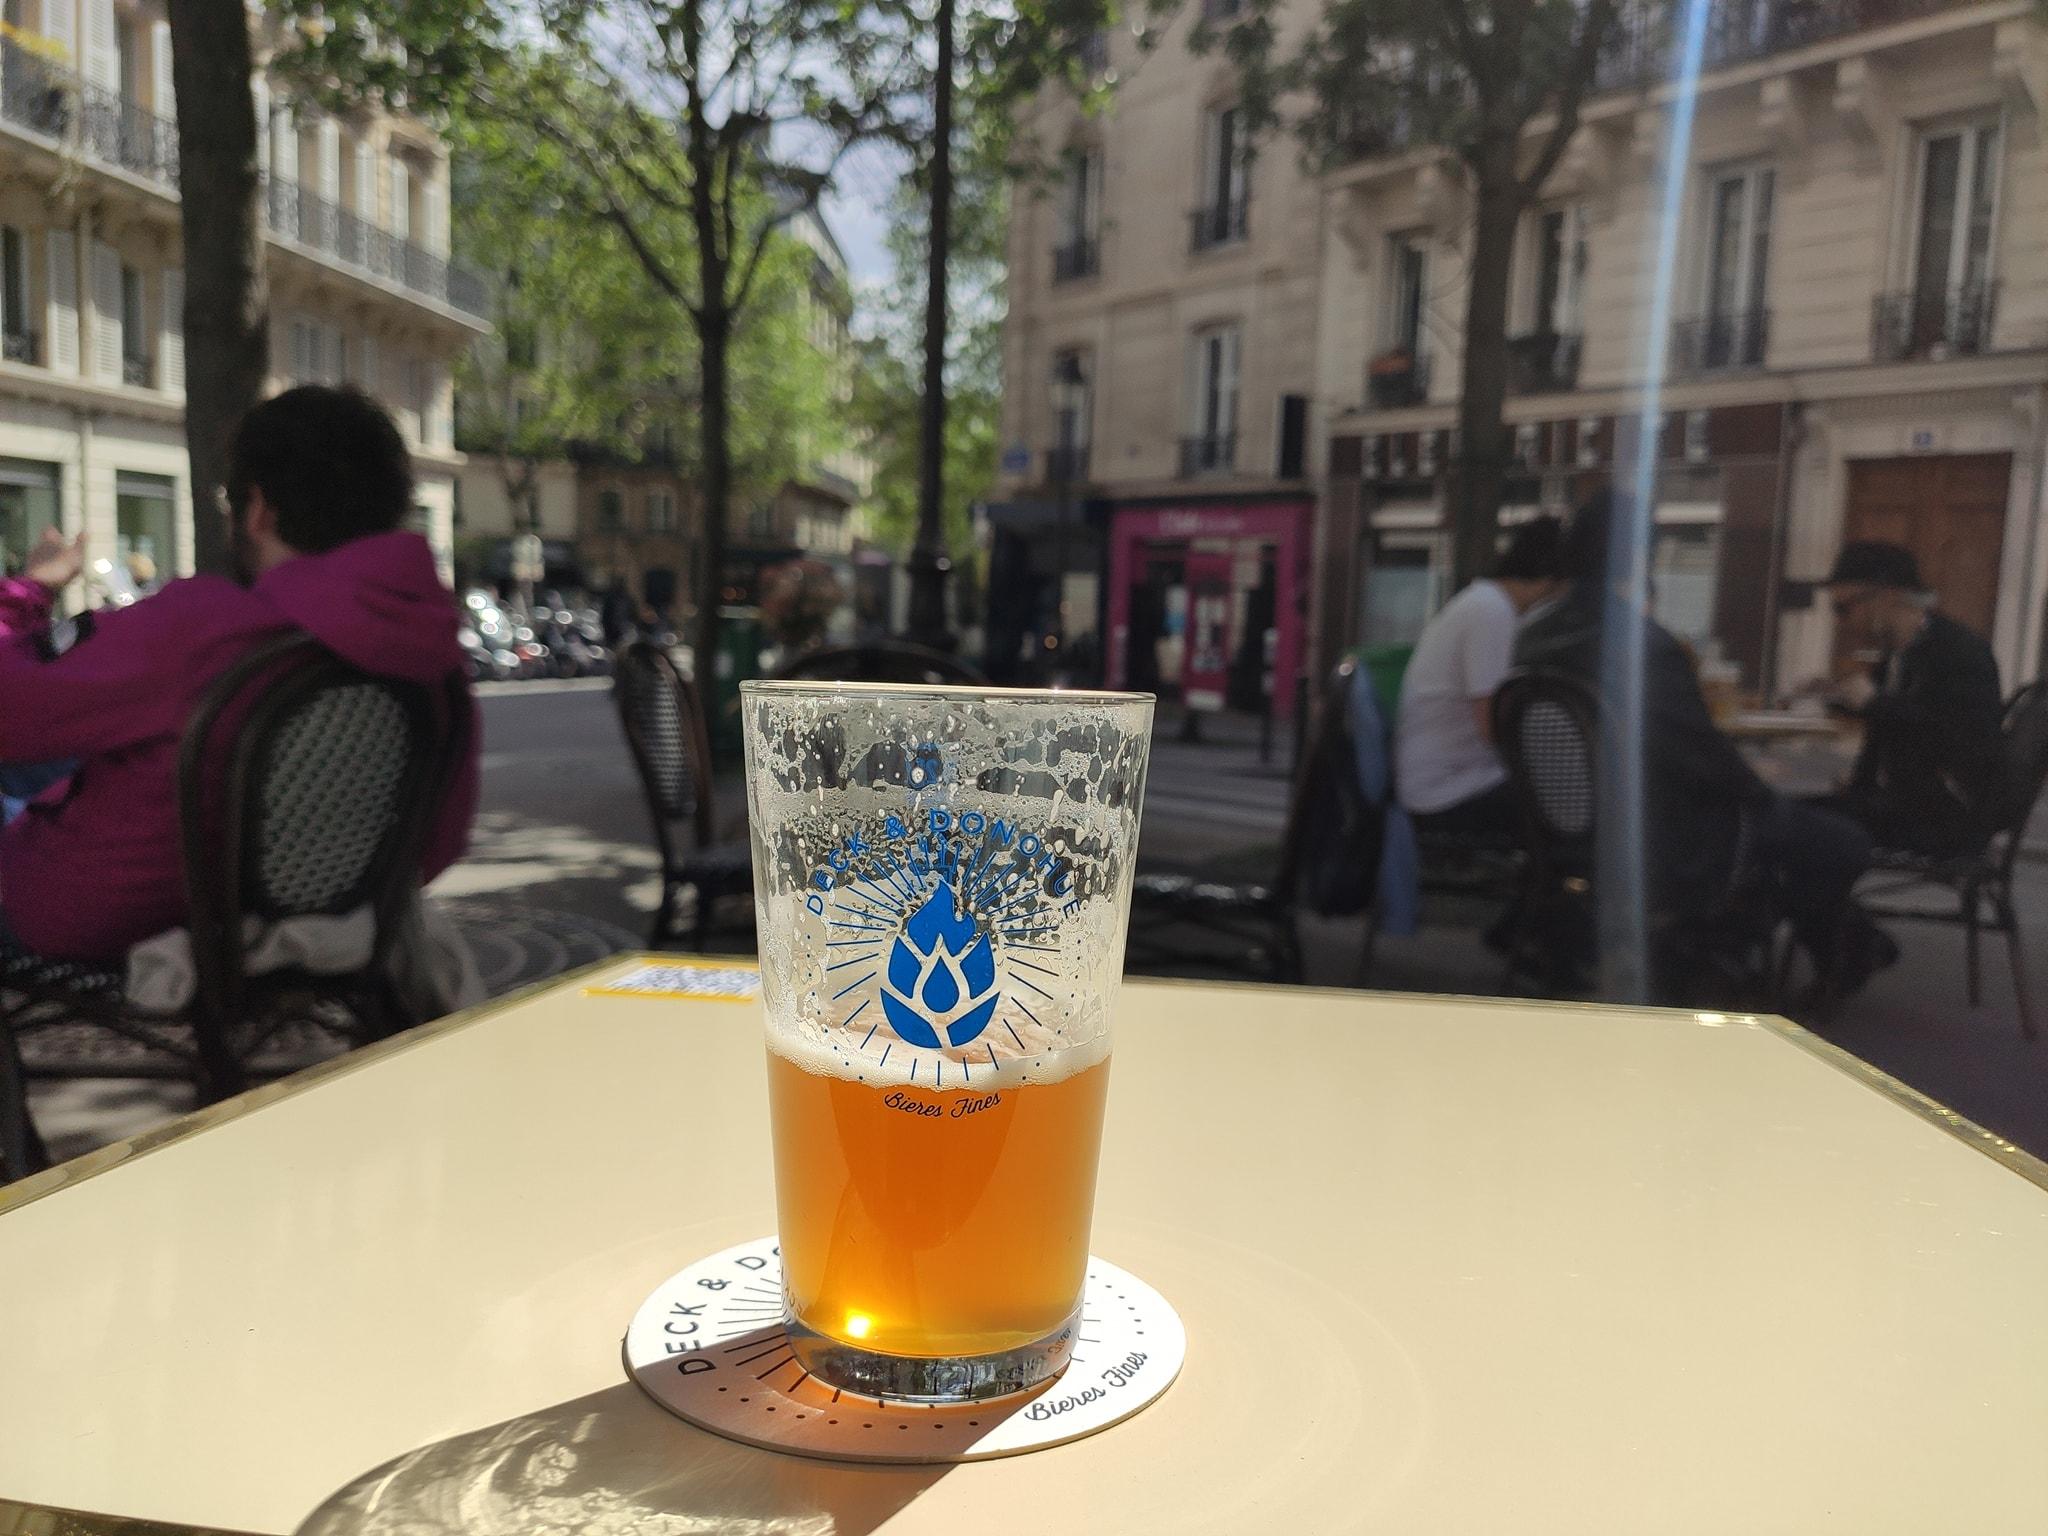 Deck & Donohue - Classique Café - Paris 9ème